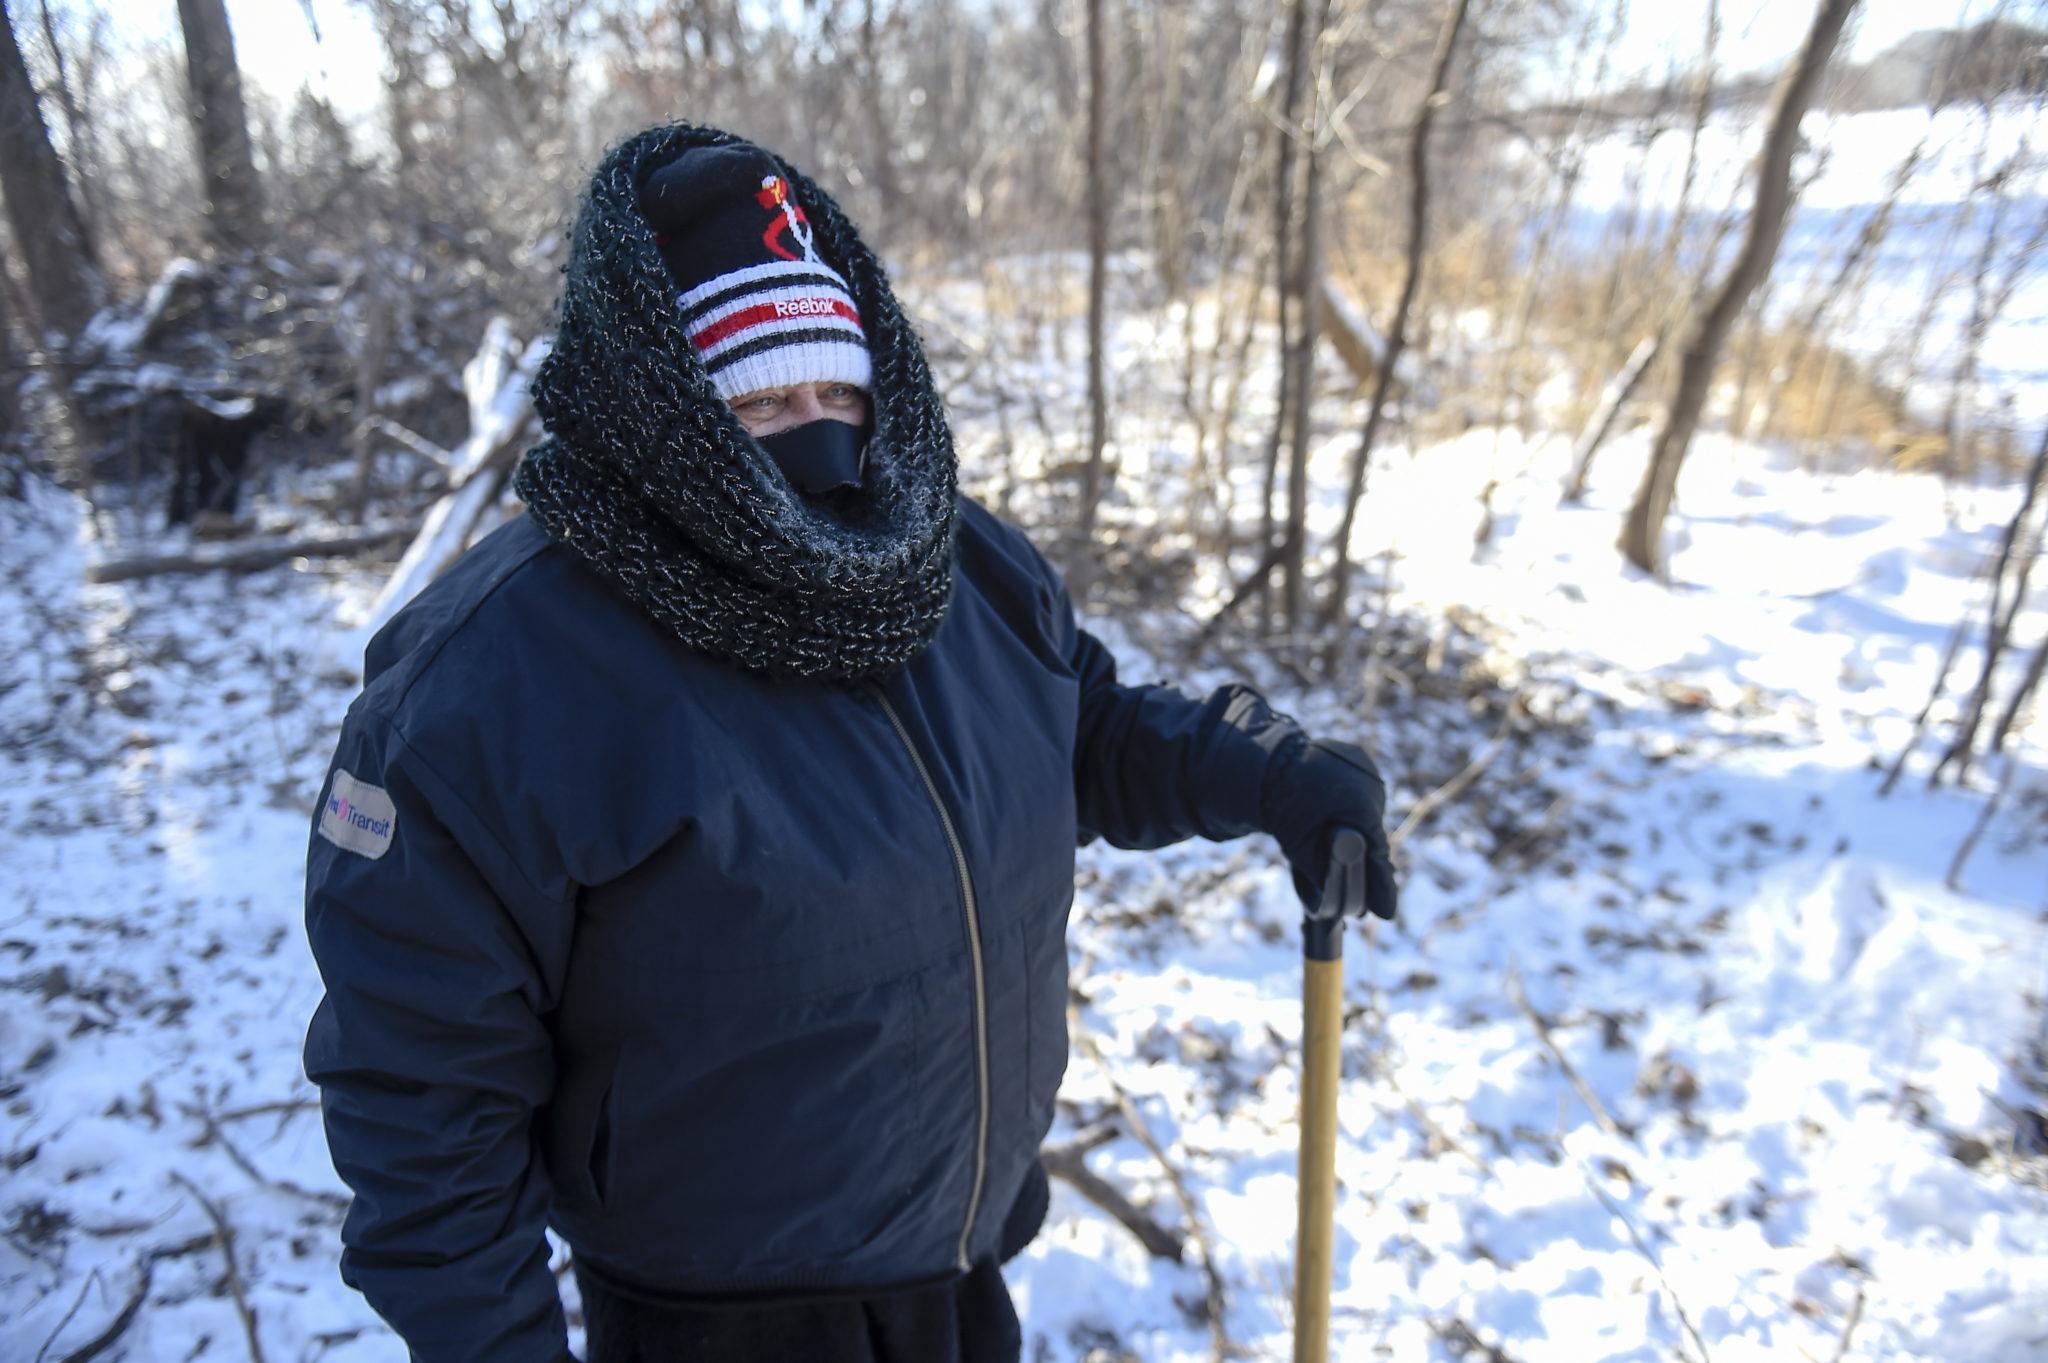 Zimowa aura dominuje na wschodzie Stanów Zjednoczonych. Miejscami spadło nawet 40 centymetrów śniegu. Wystąpiły utrudnienia w transporcie lotniczym, fot. CRAIG LASSIG, PAP/EPA.